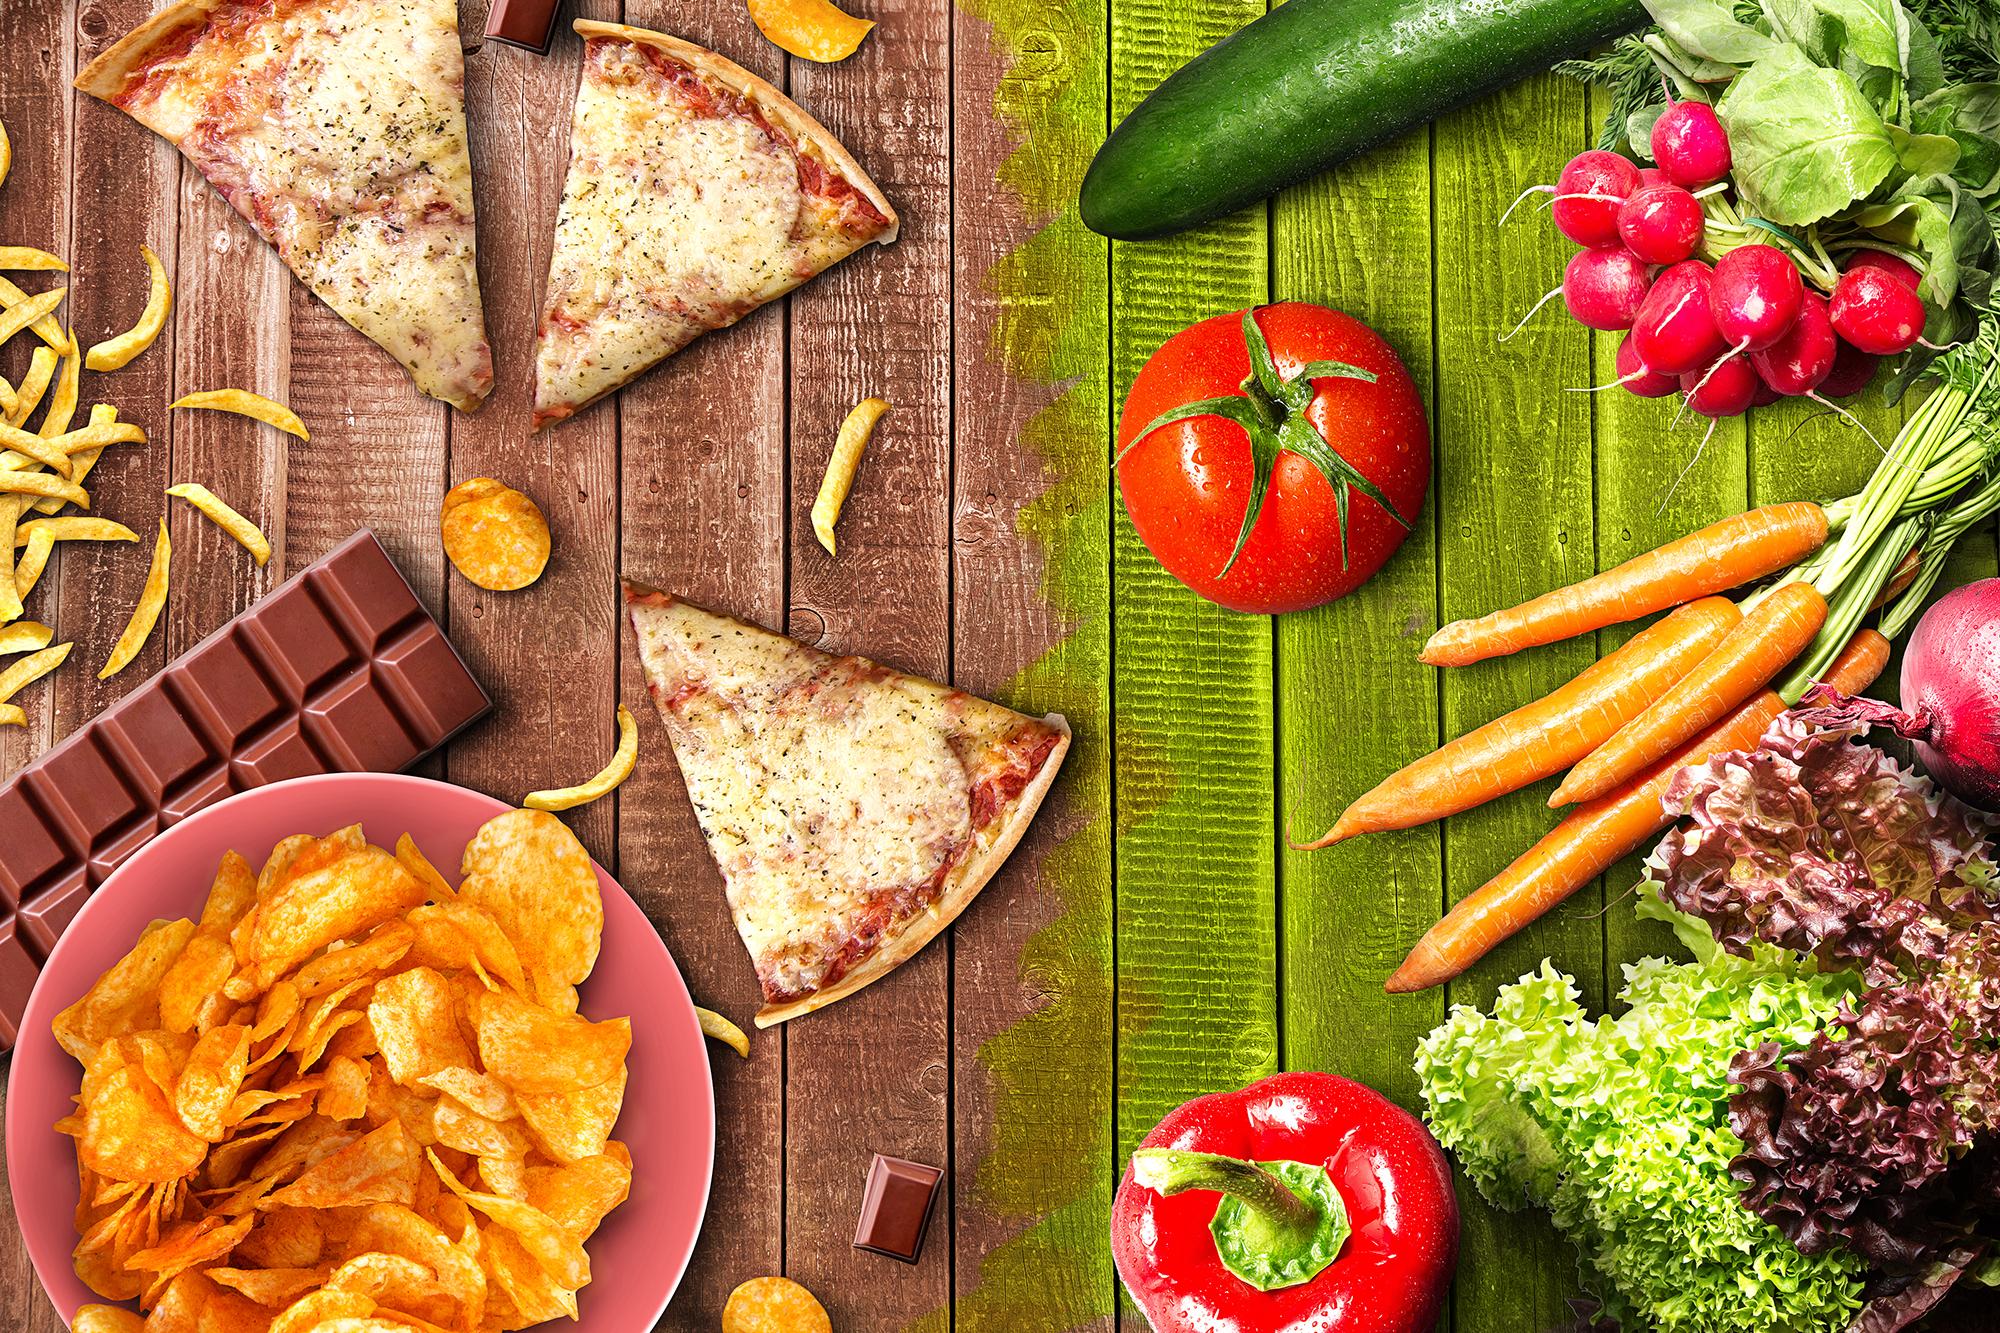 como reducir el consumo de alimentos